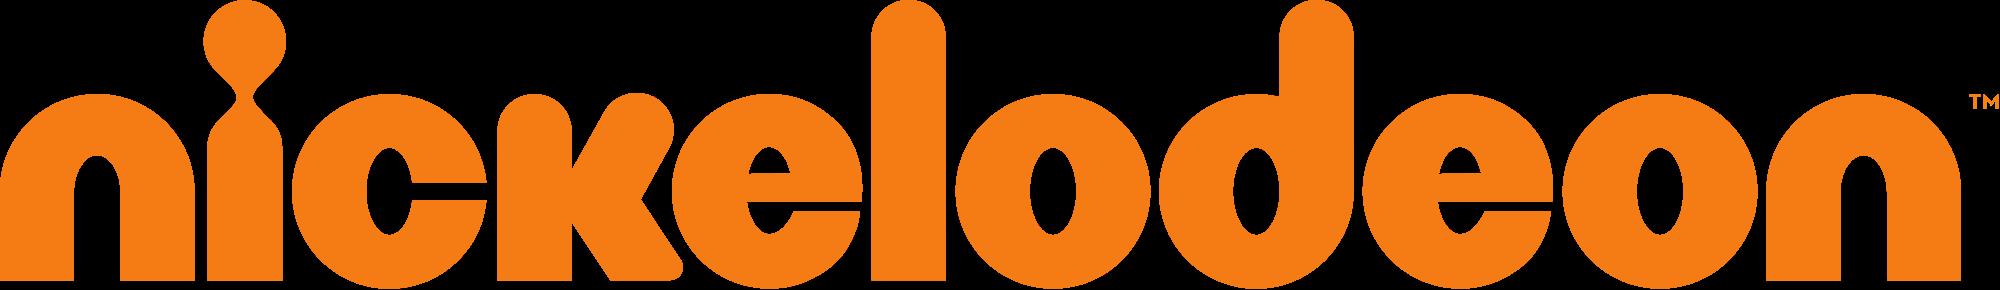 ���� ���� ������� Nickelodeon ��� ��� Eutelsat 16A ���� 2016